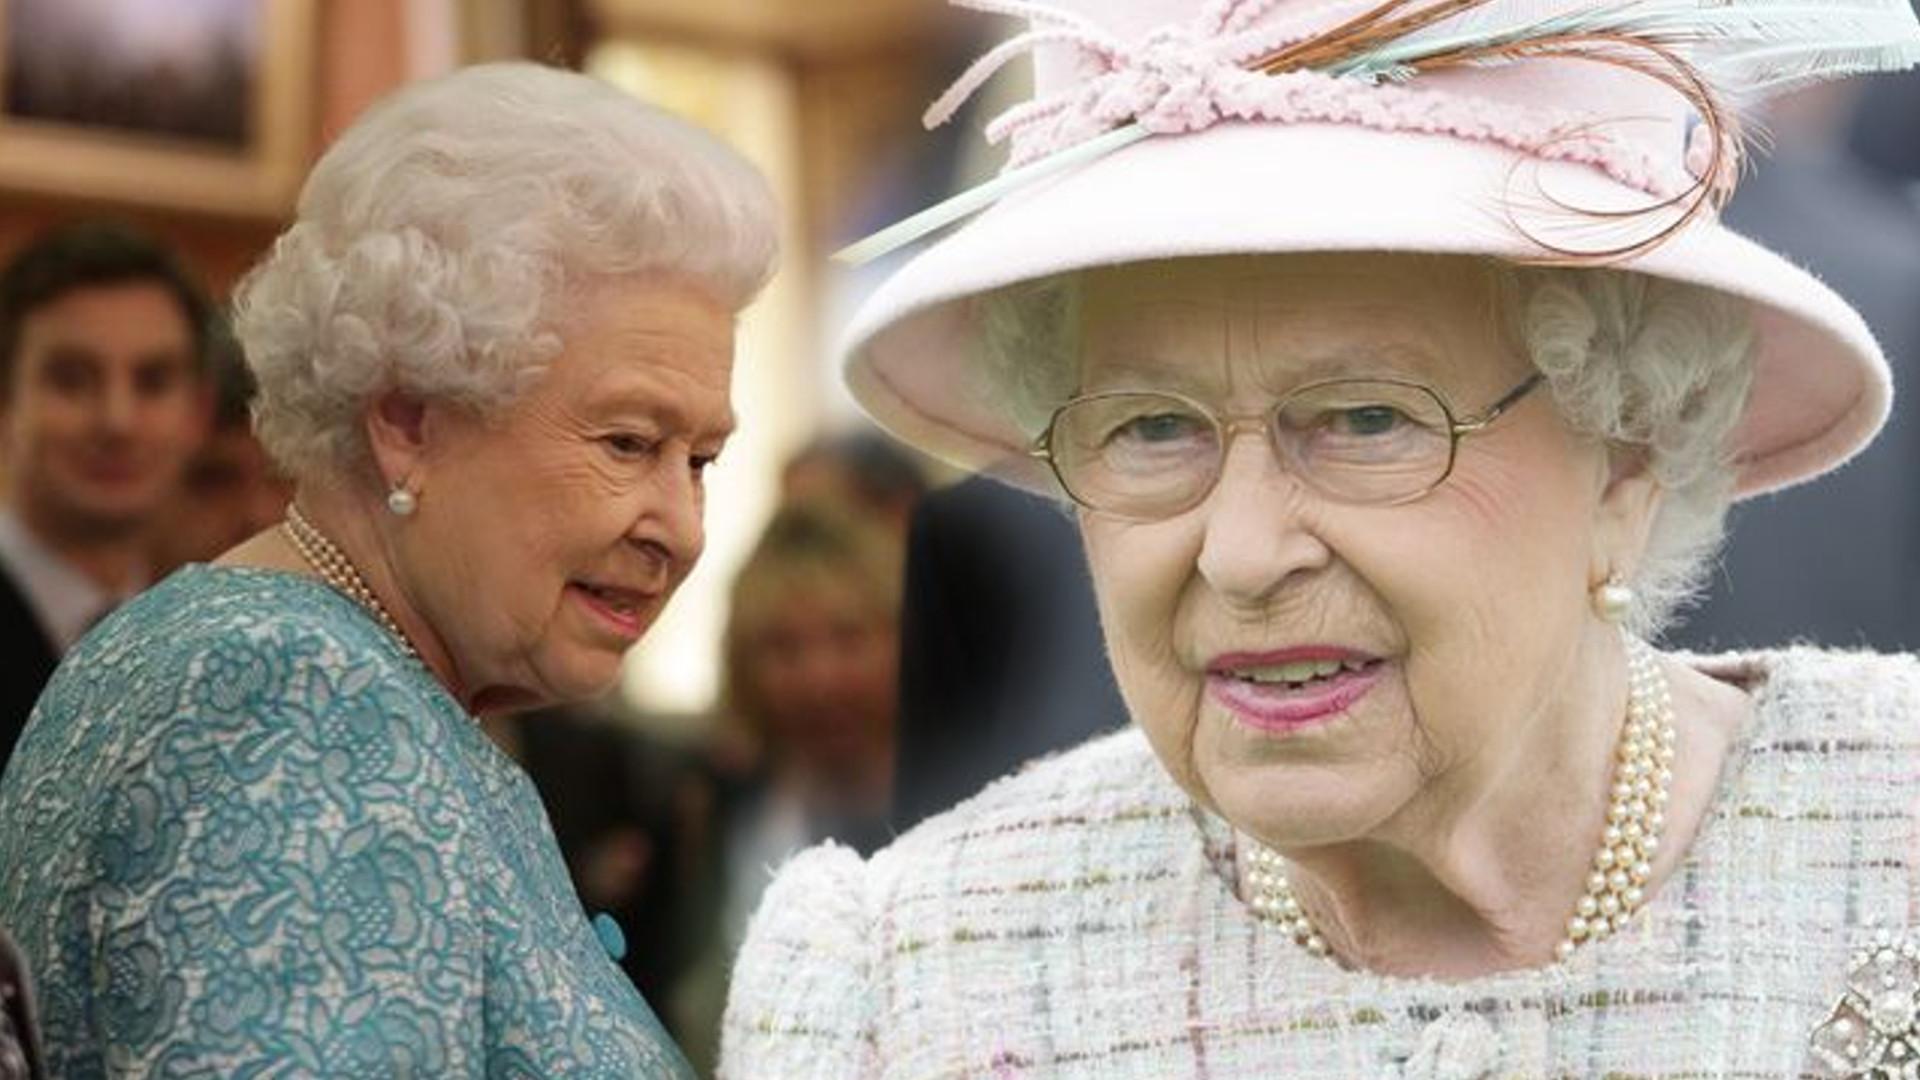 Oto największa SŁABOŚĆ Królowej Elżbiety! Nie może się powstrzymać